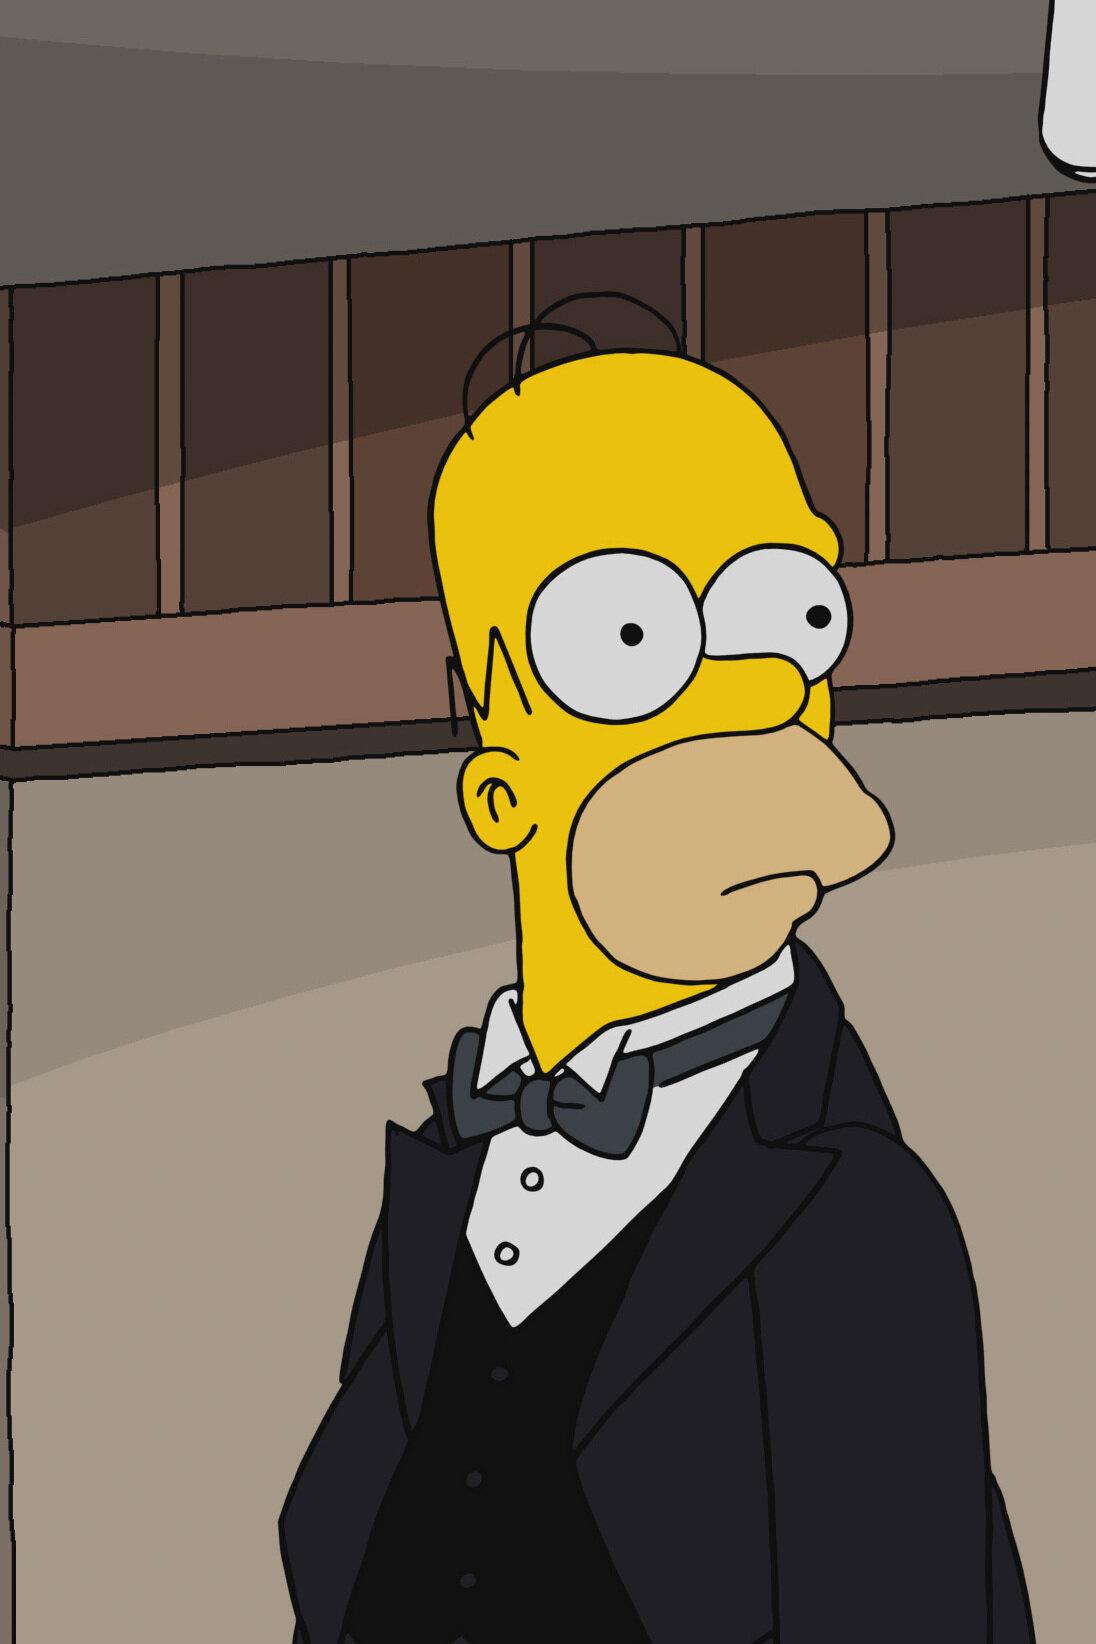 Les Simpson - Homer est là où n'est pas l'art